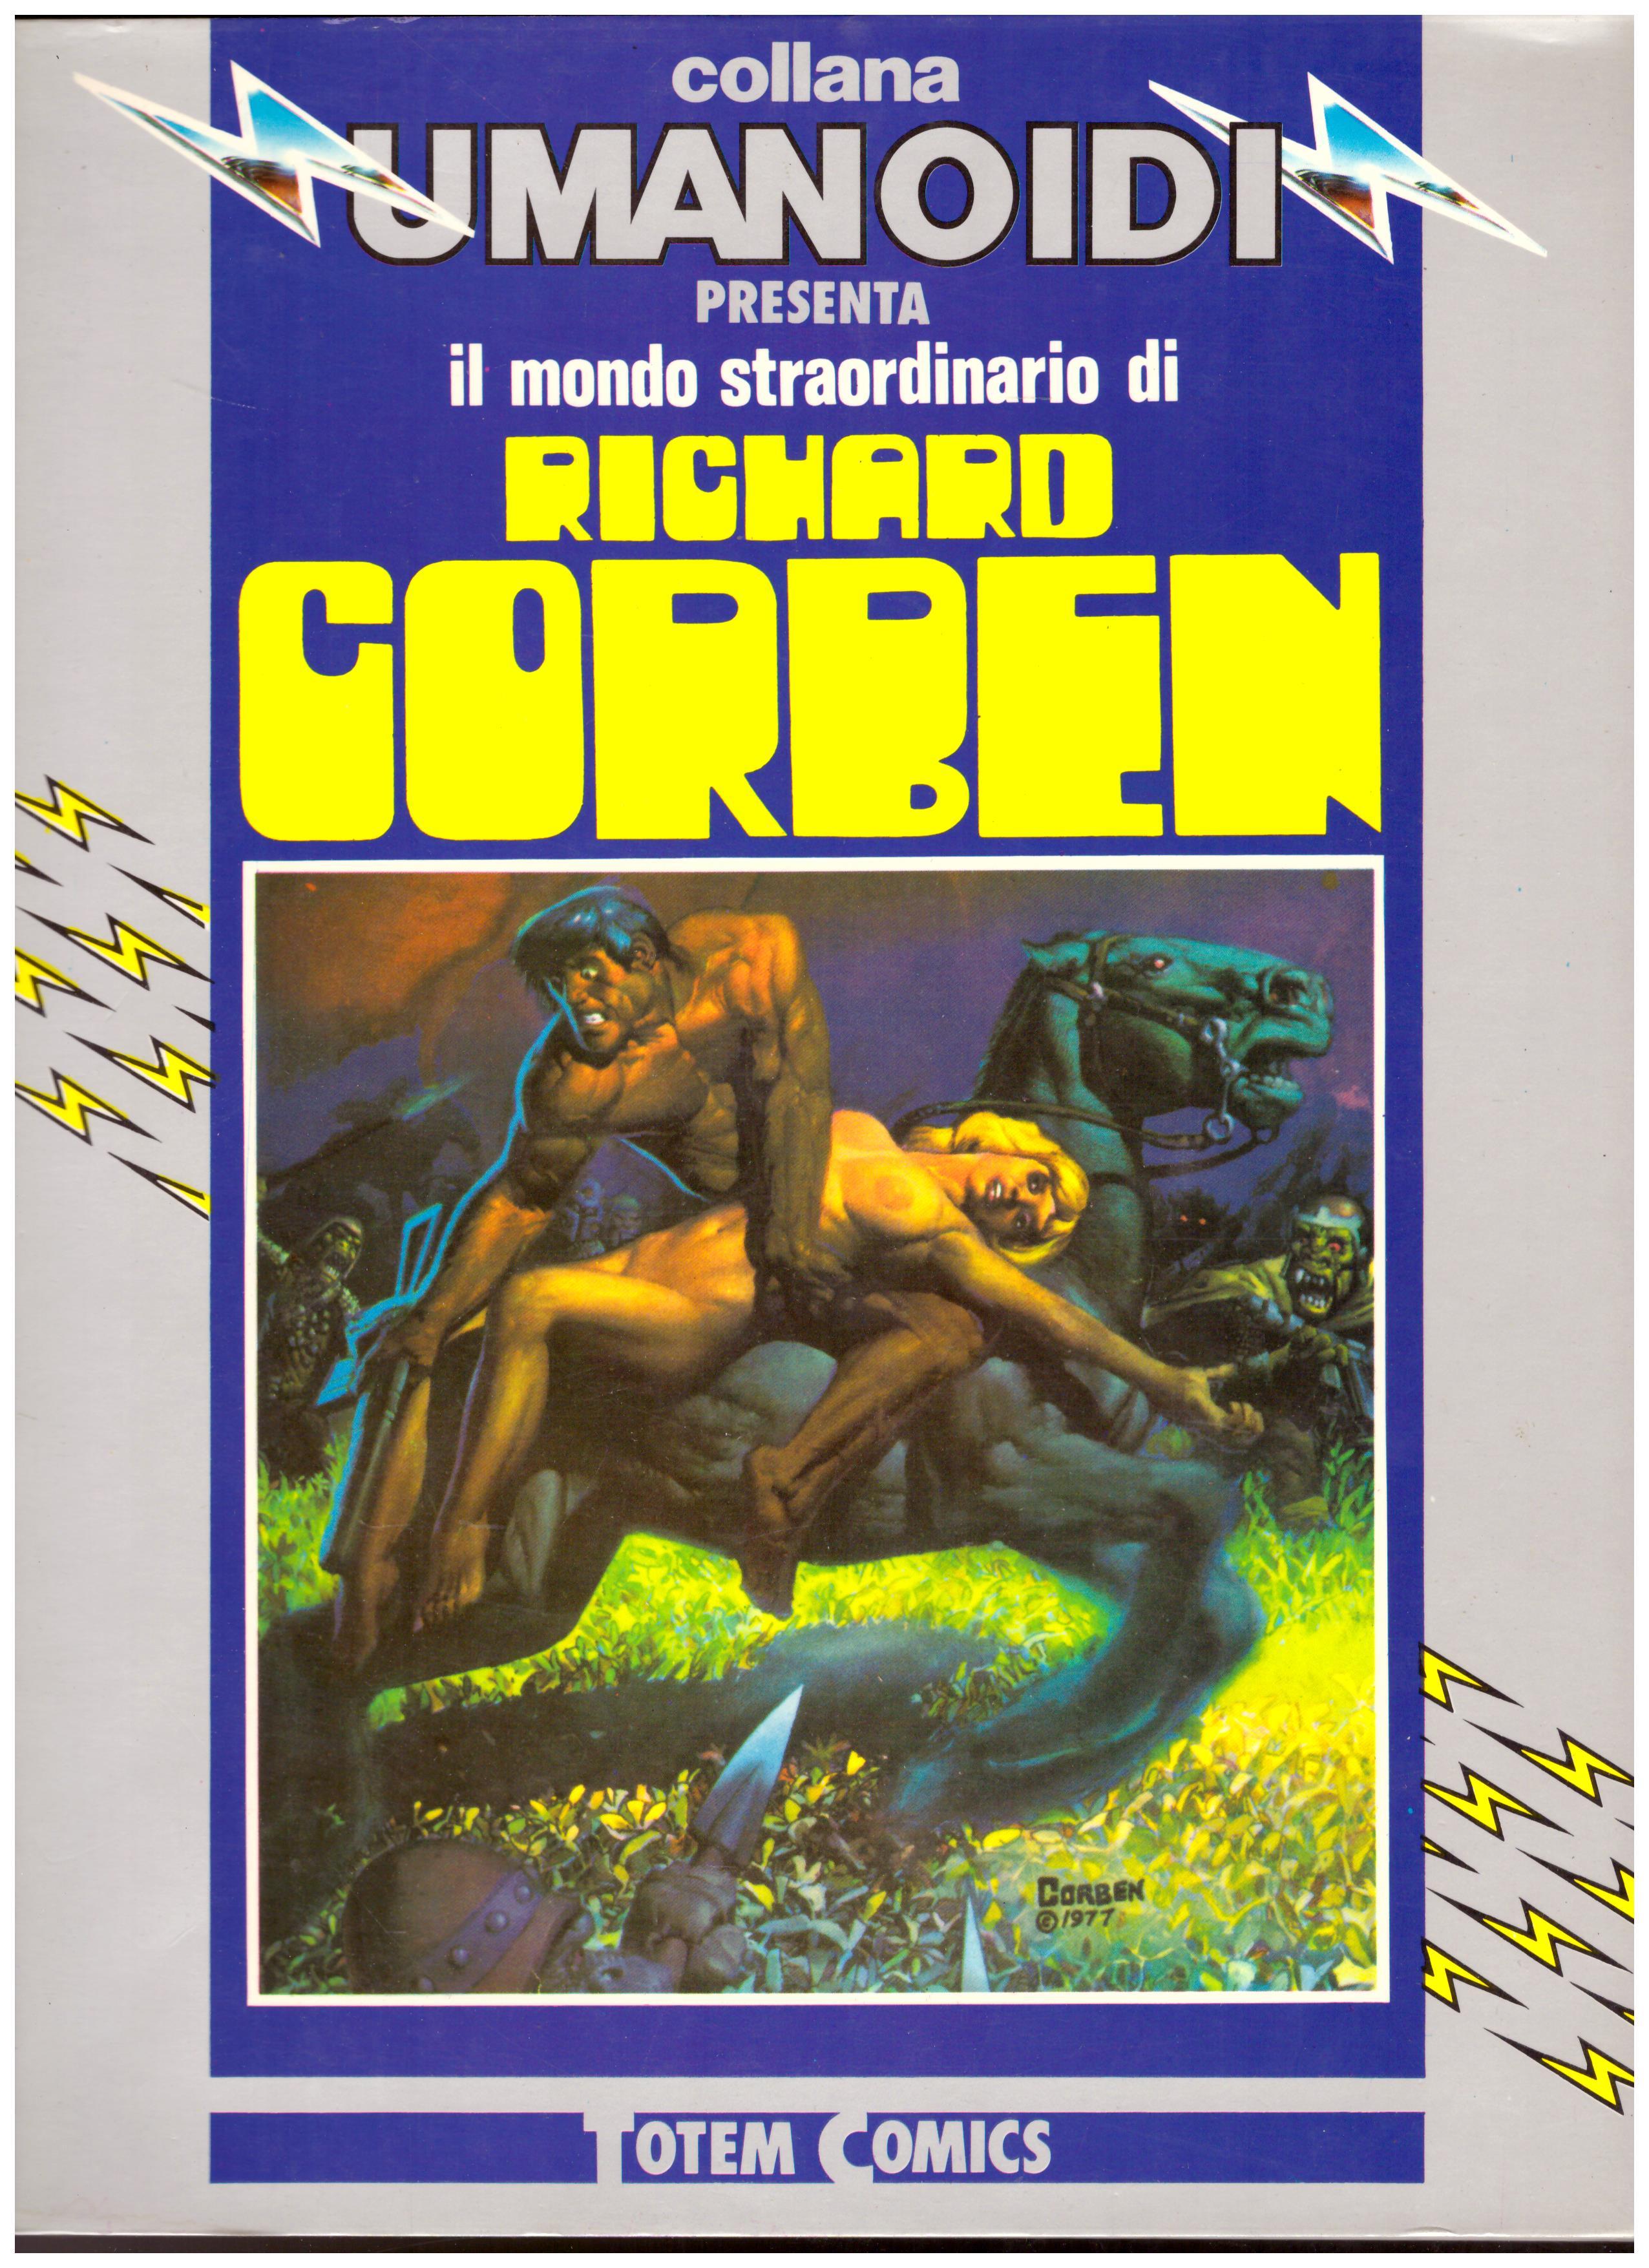 Titolo: collna umanoidi, Richard Corben  Autore: AA.VV. Editore: Nuova frontiera, 1982